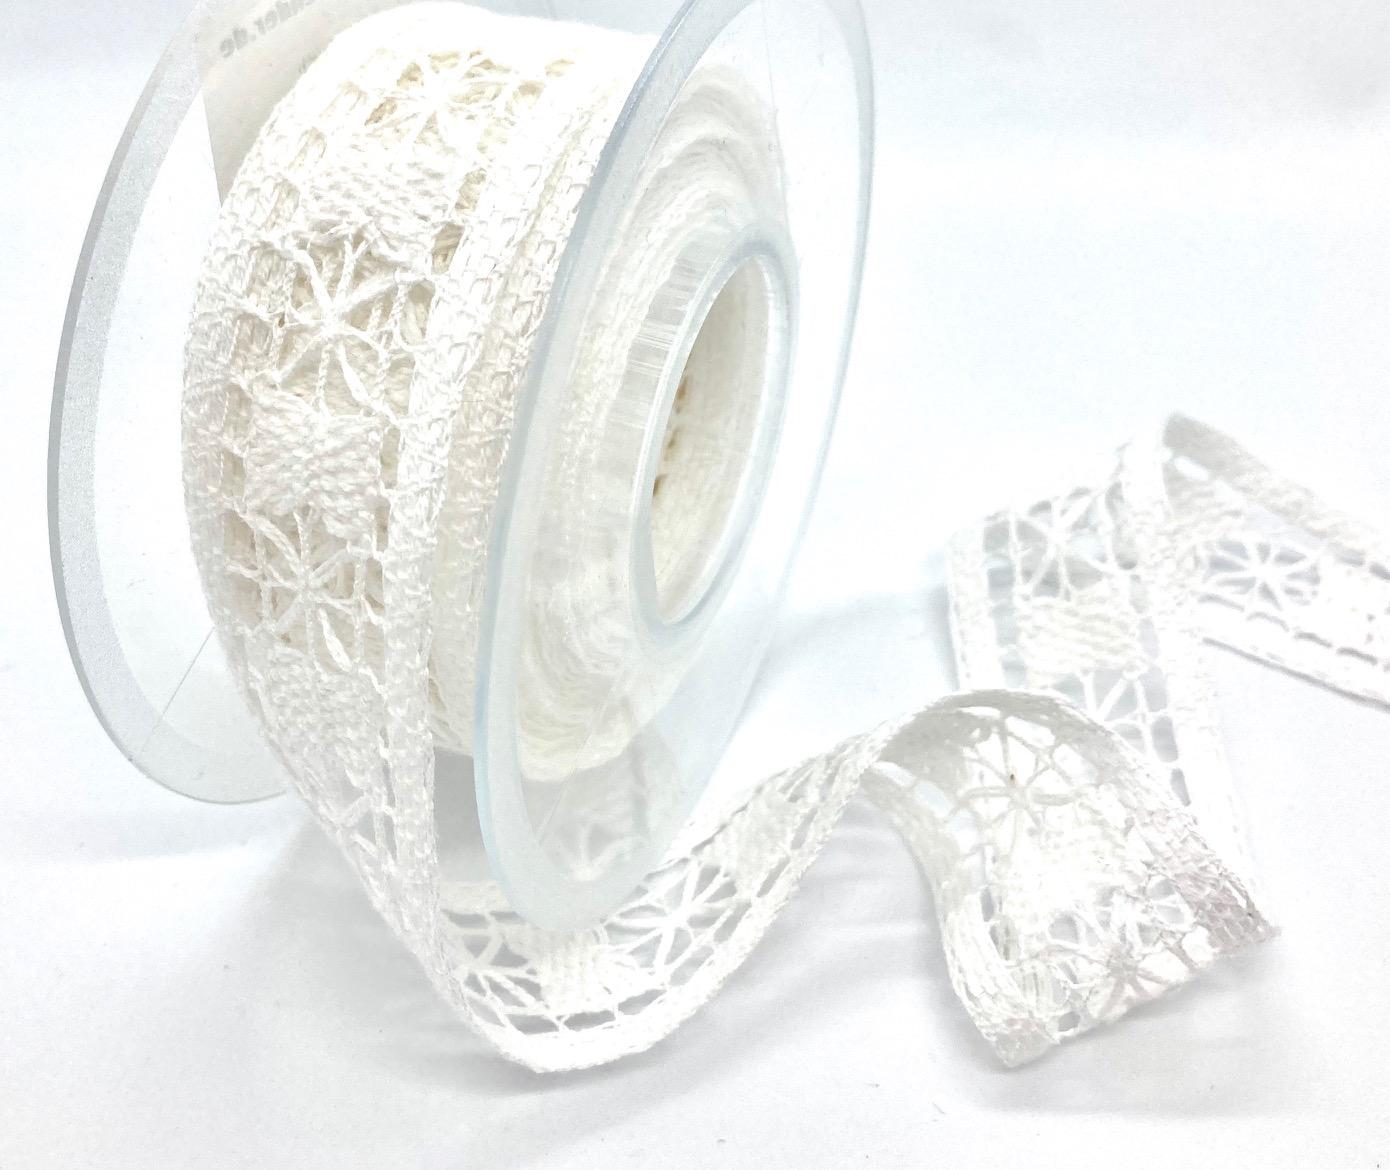 Baumwollband Weiße Spitze, 40 mm breit, 5 Meter lang